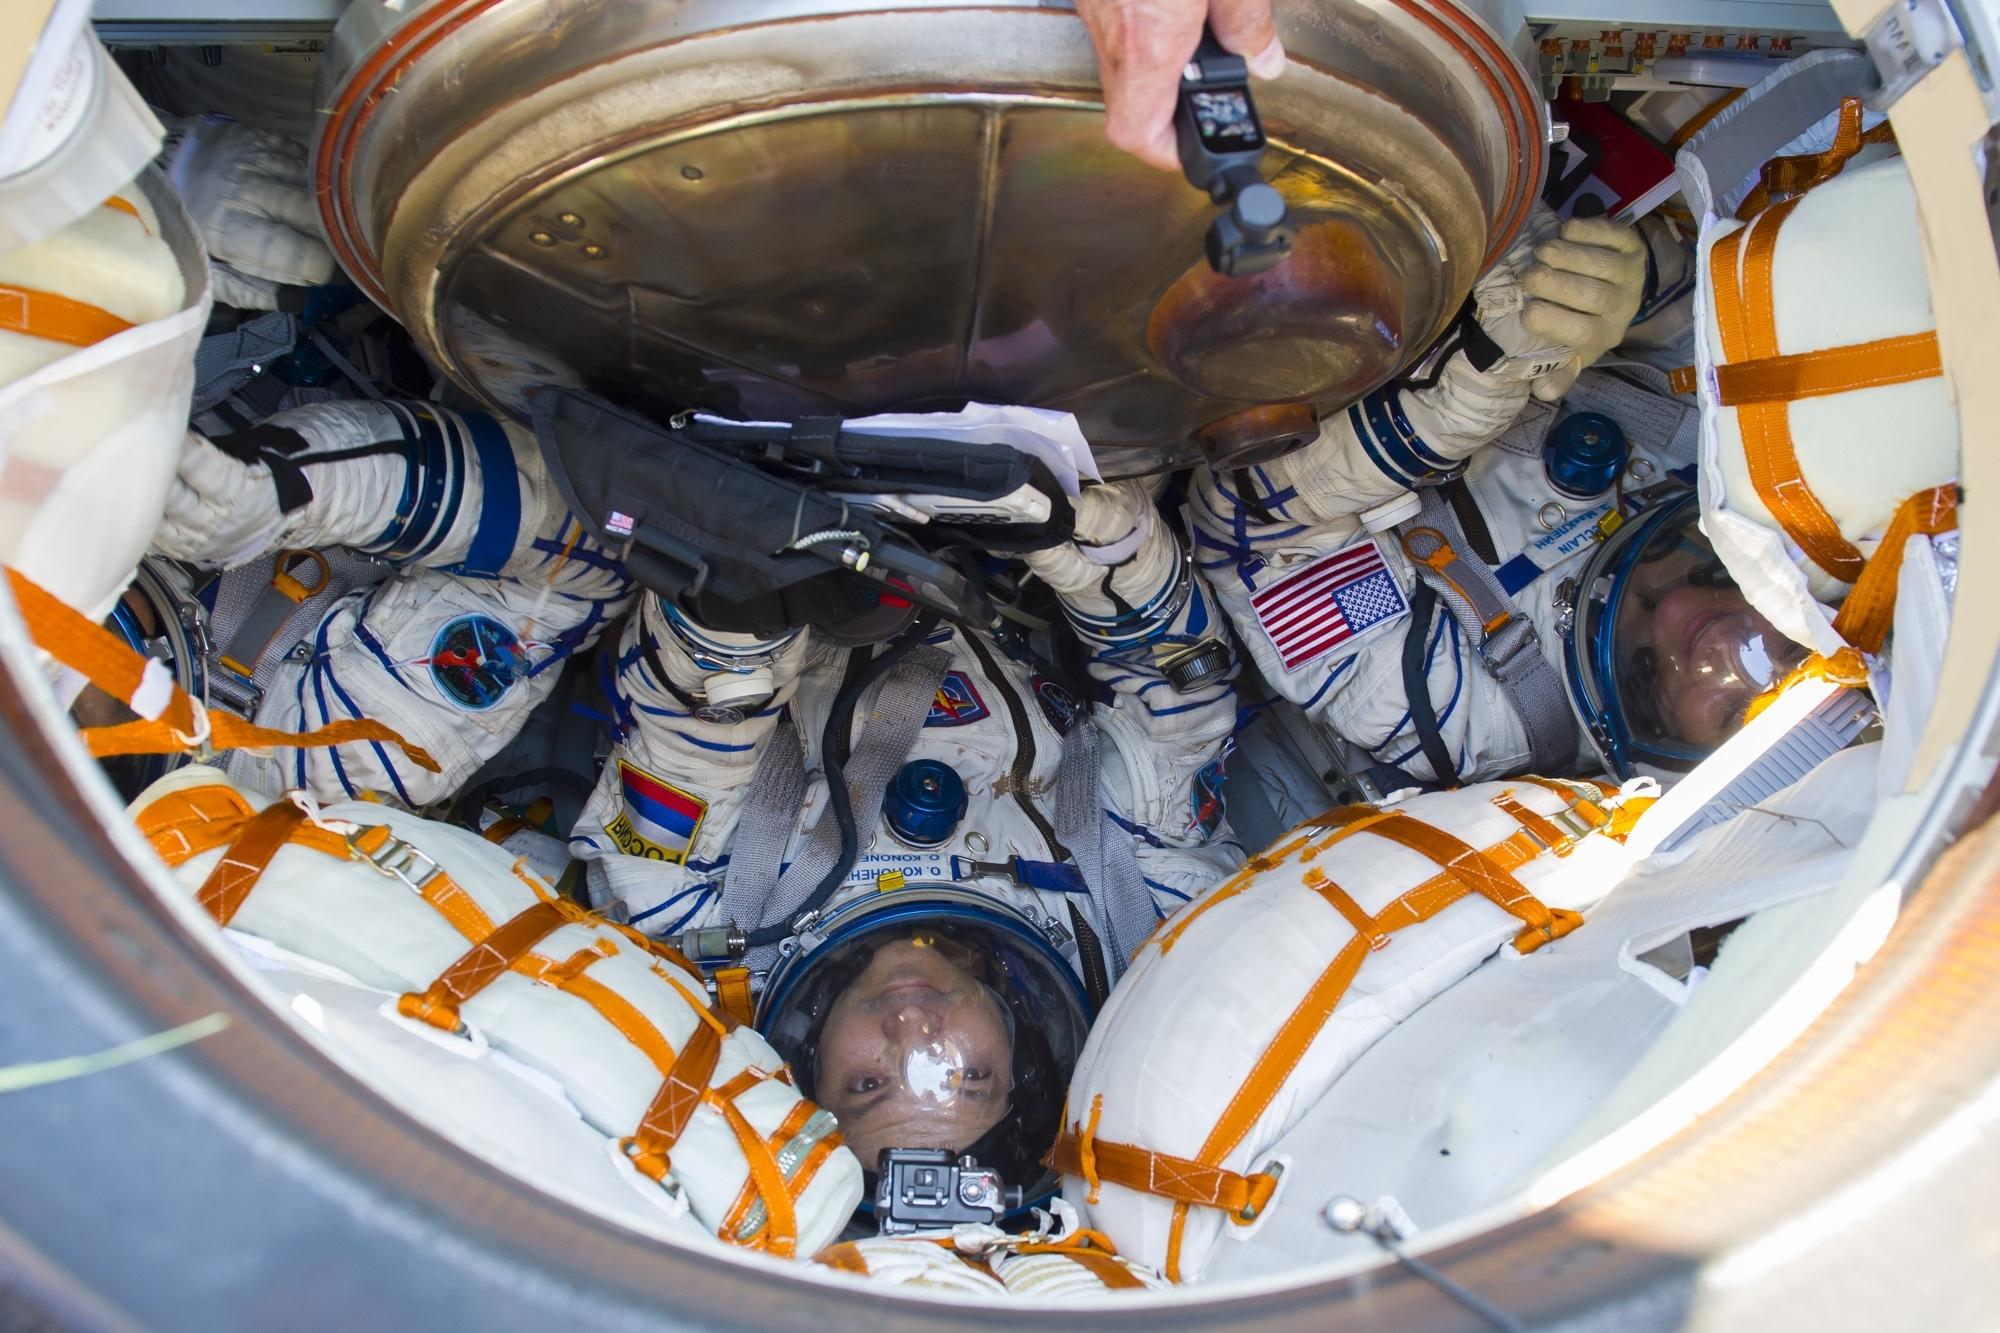 какое положение занимает космонавт при взлете звонят банки по чужому кредиту